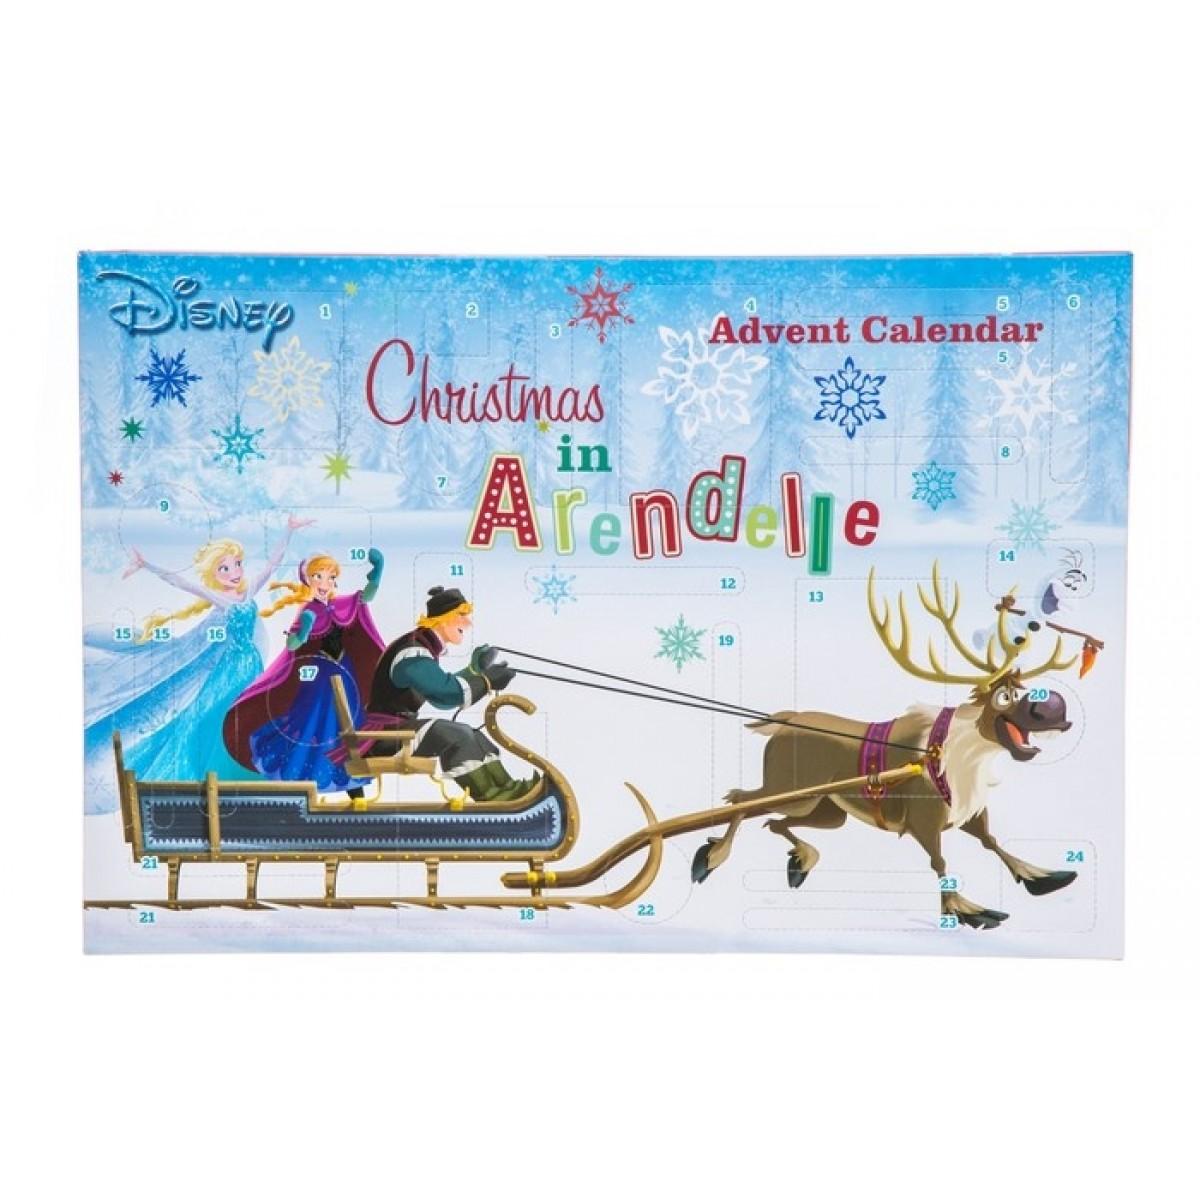 Advento kalendorius-kūrybinis rinkinys Kalėdos Ariendelės karalystėje (285908)